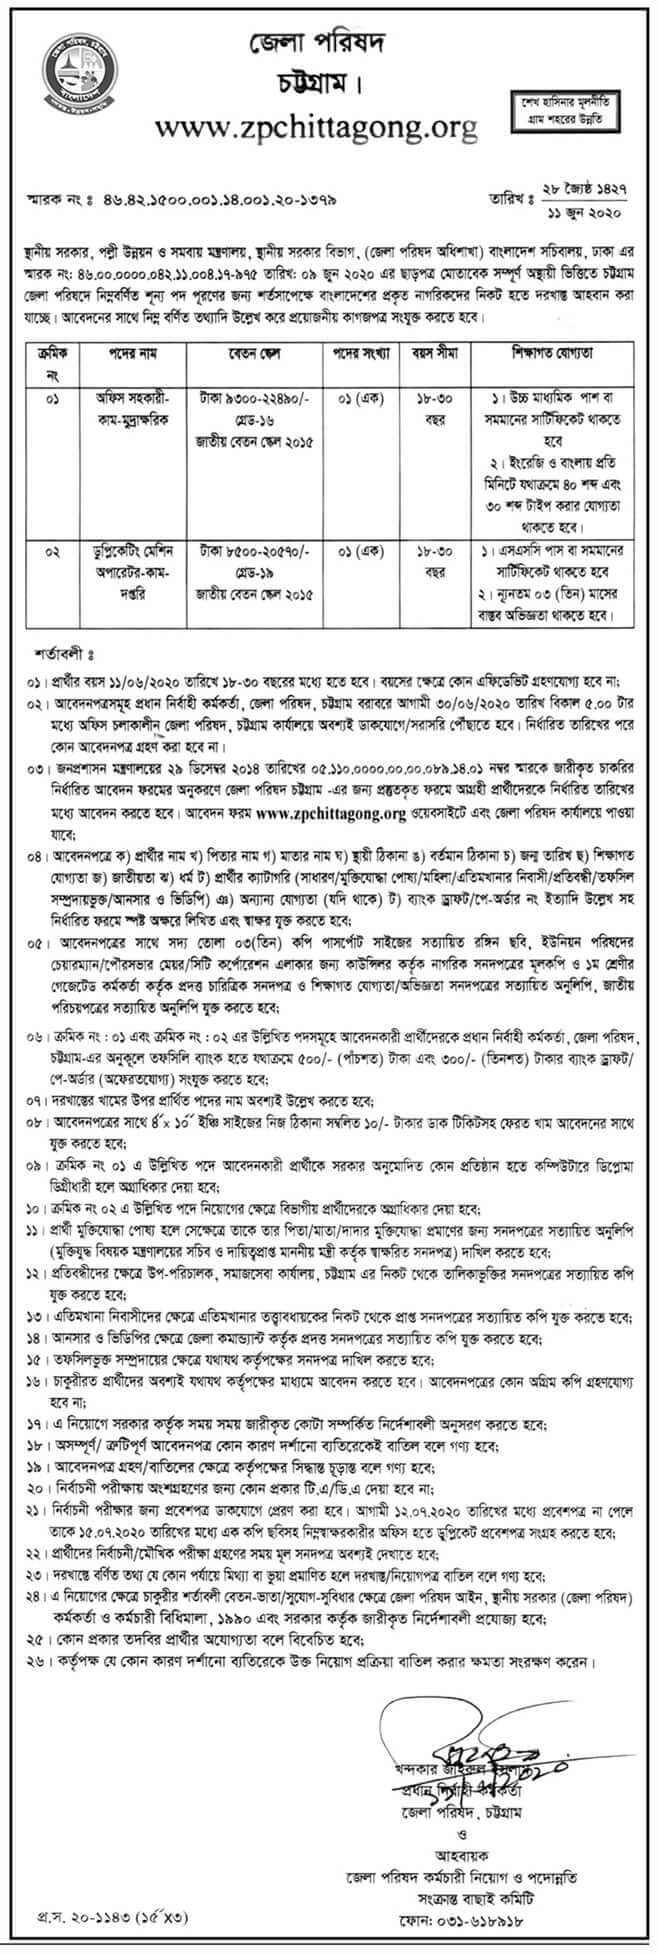 District Council new Job Circular 2020